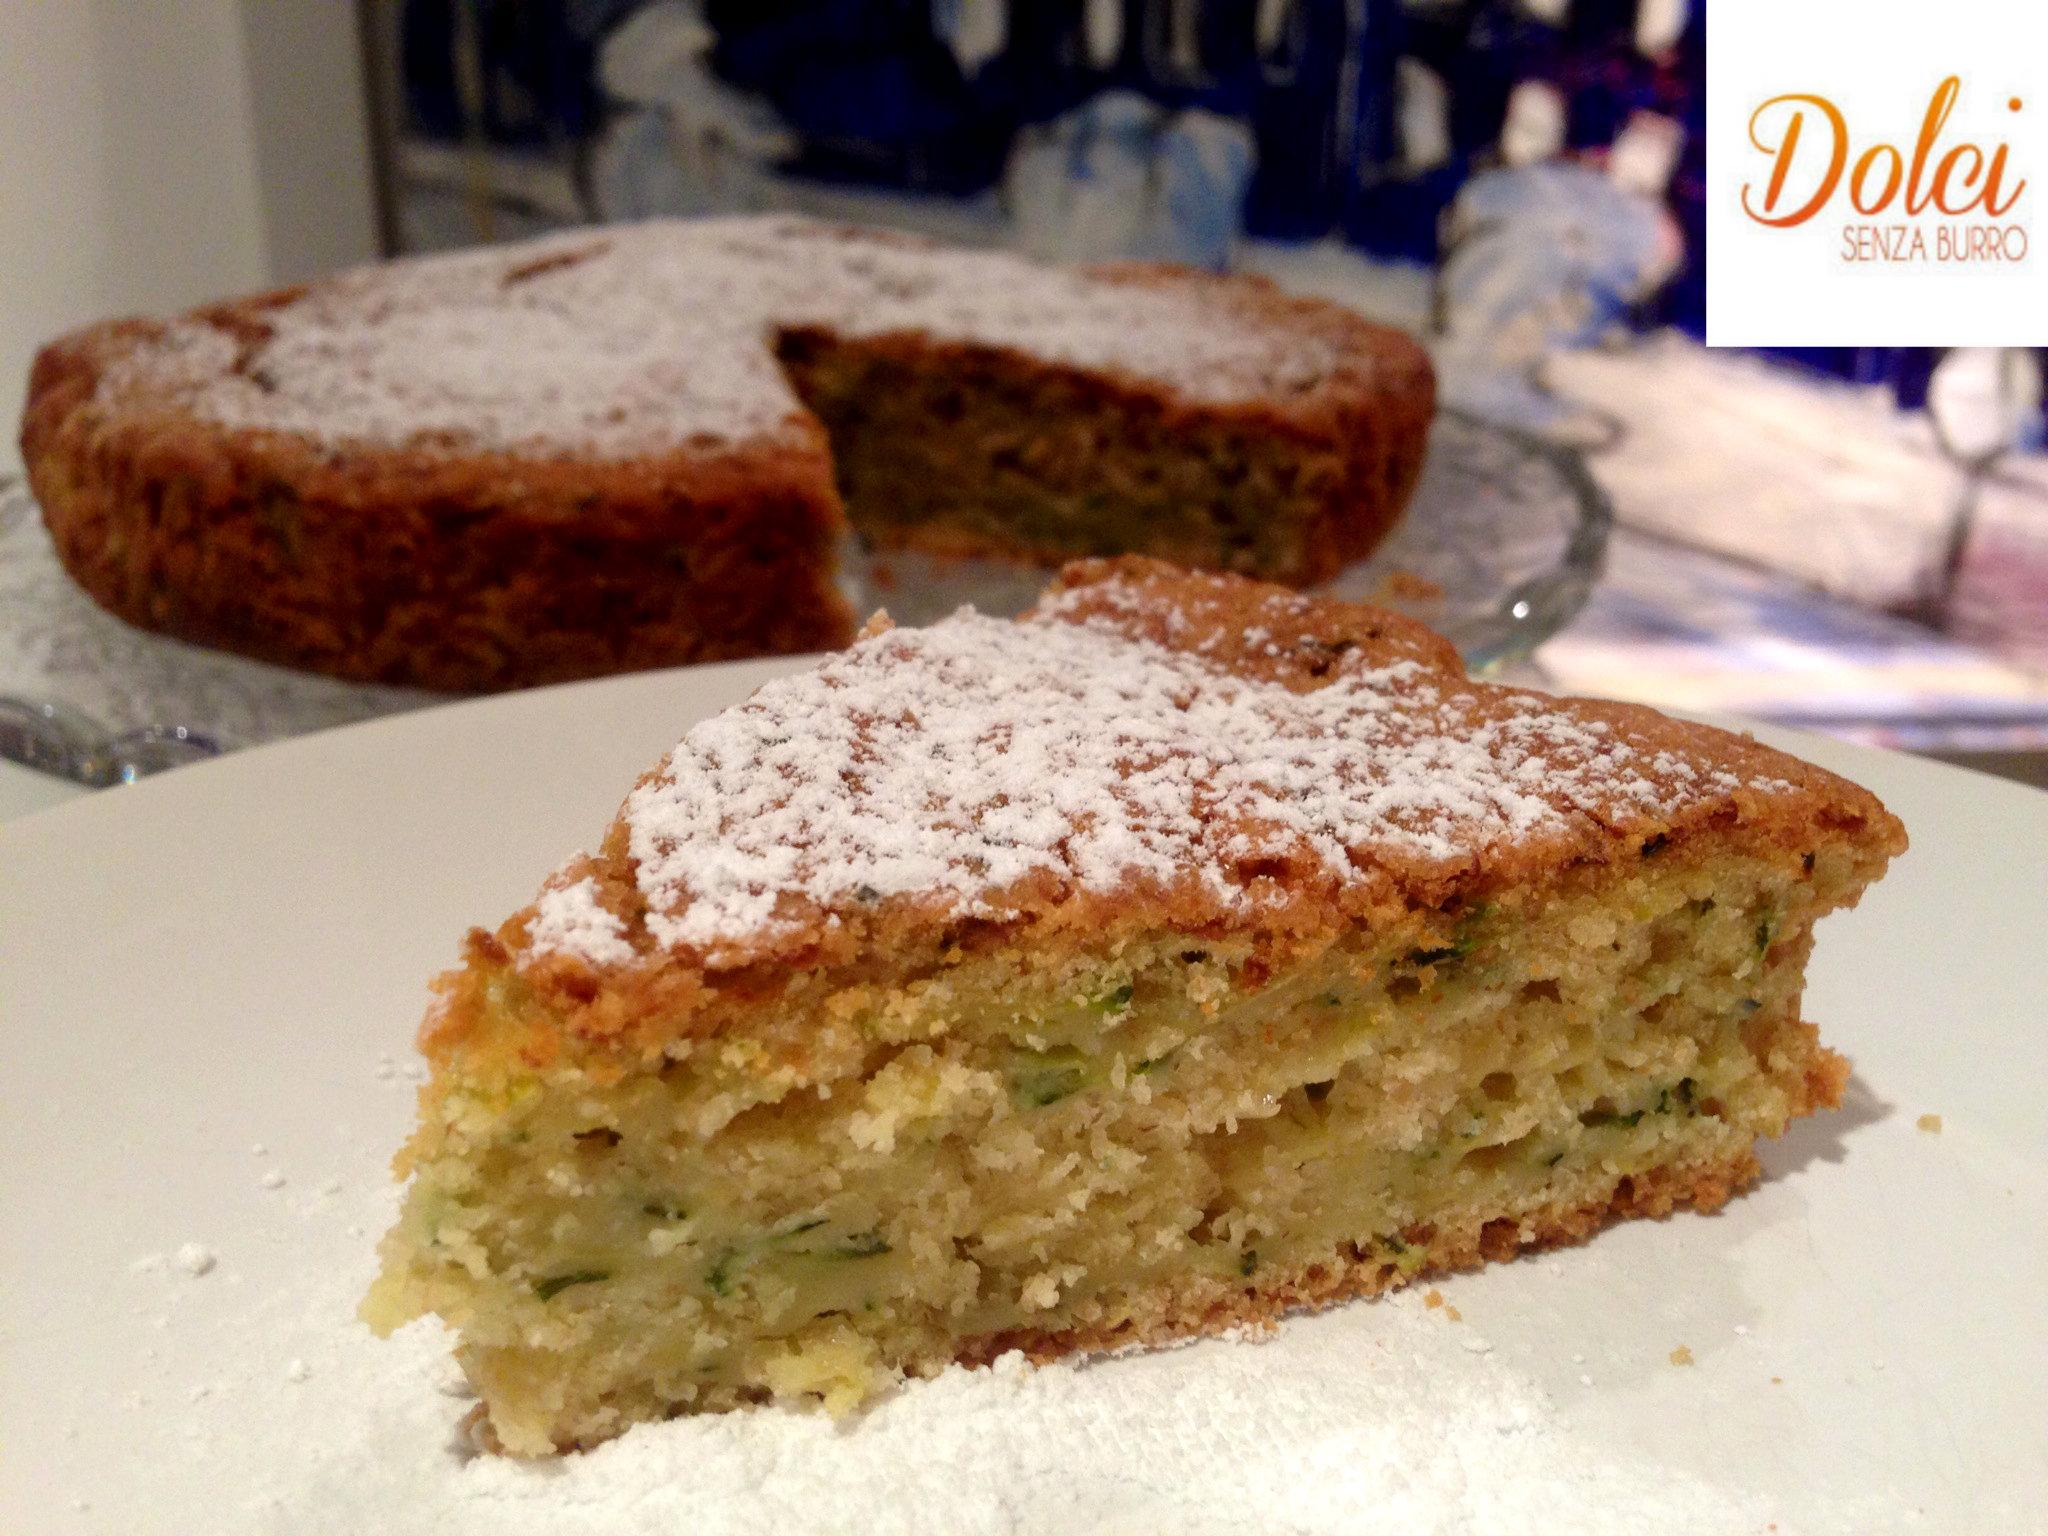 Torta Dolce di Zucchine Senza Burro, il dolce sano e genuino di Dolci Senza Burro